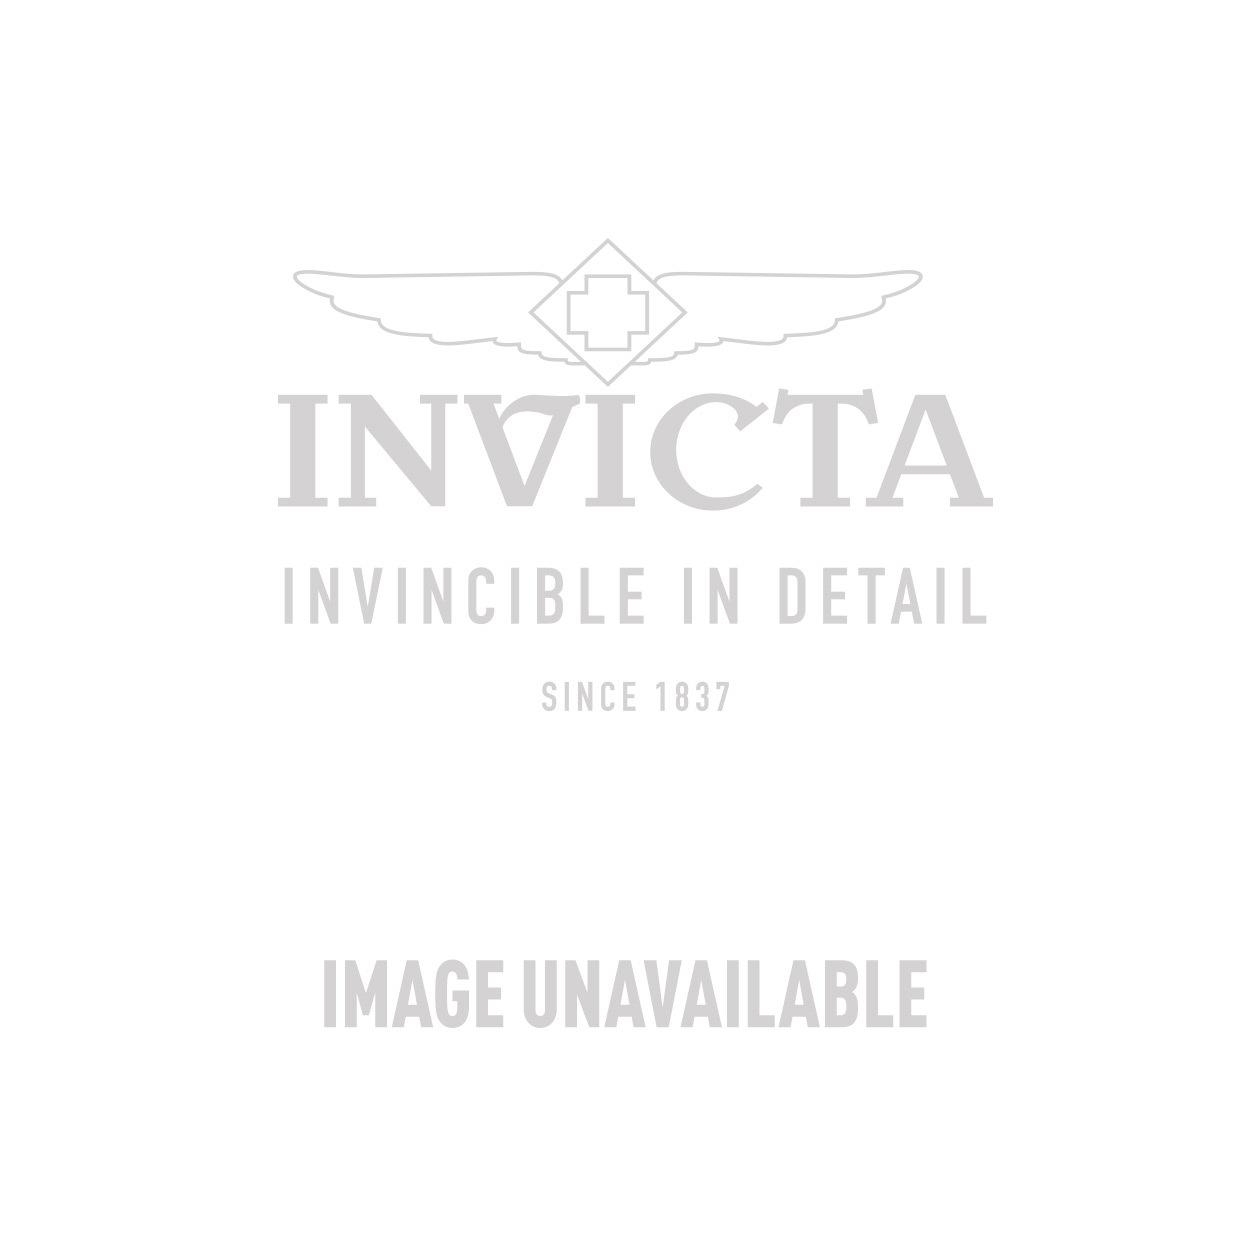 Invicta Model 27974